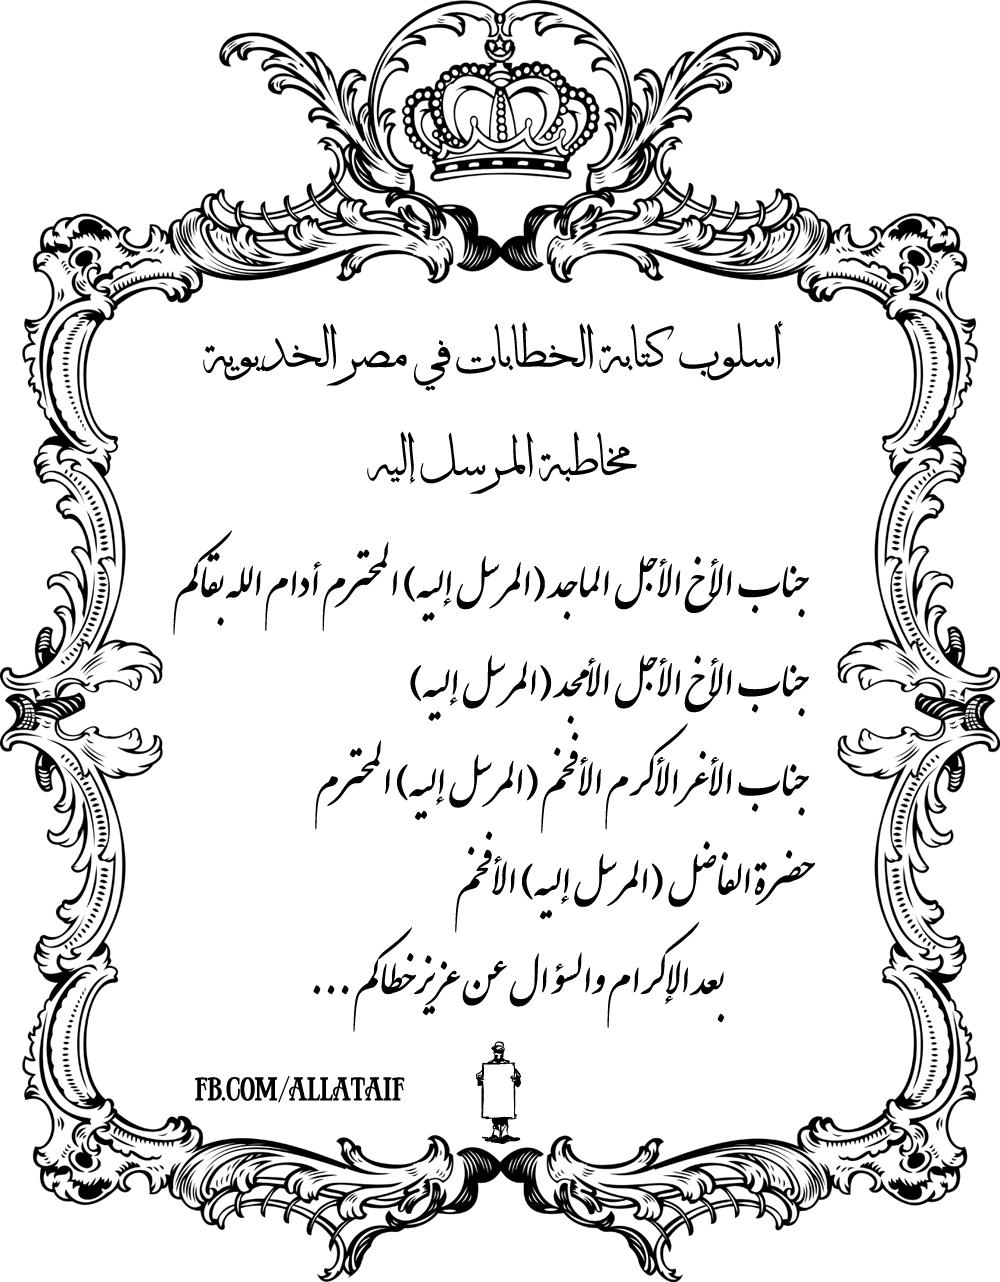 سلسلة اللطائف المصورة - صفحة 2 Egyptian-Letter-Recipient-Addressing-Style-Khedivial-Era